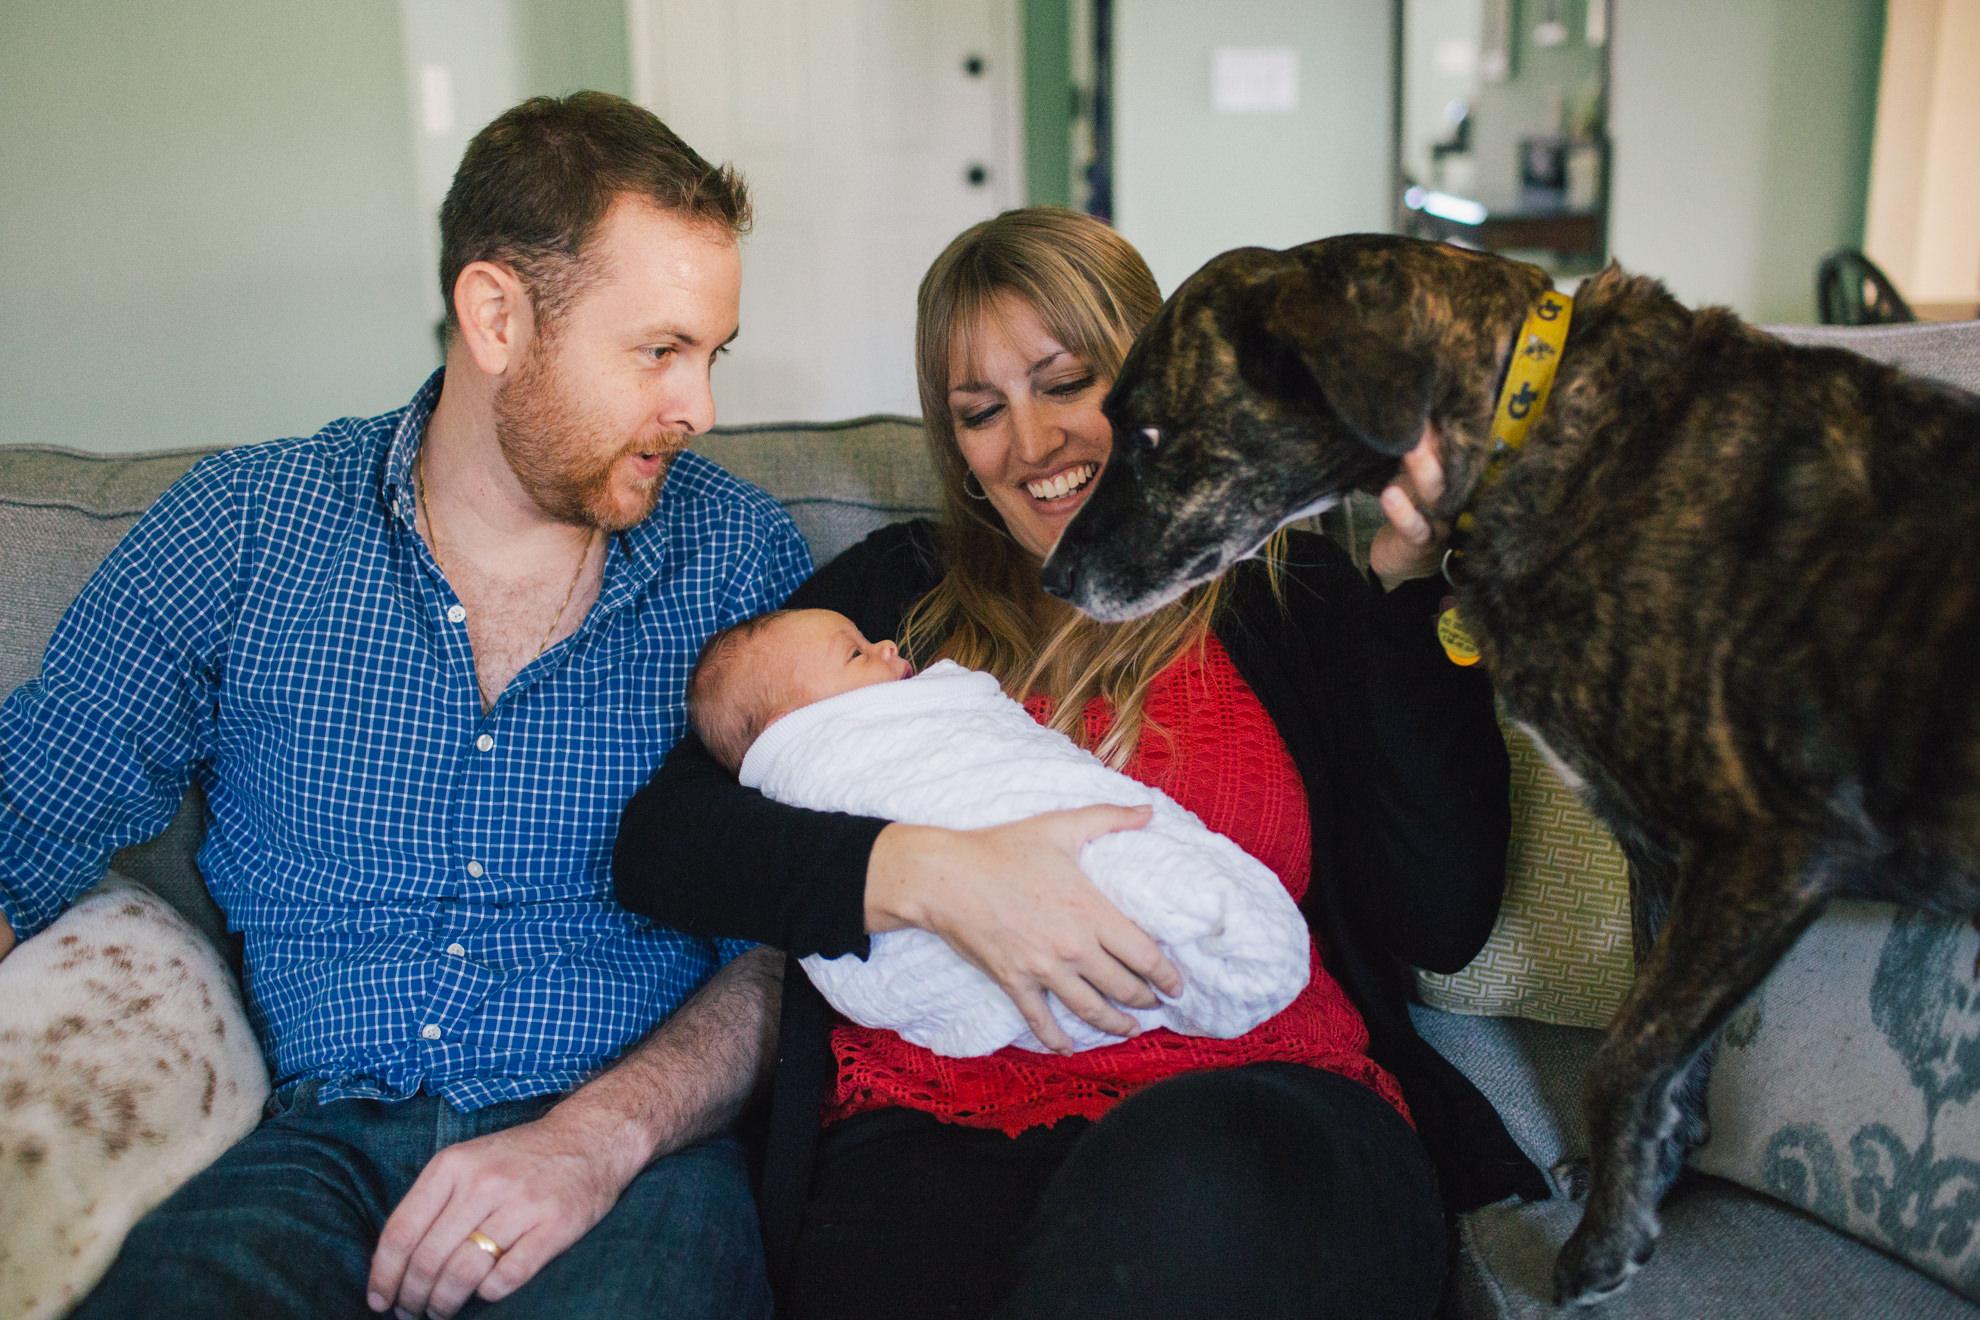 charleston-family-newborn-lifestyle-photographer-2.jpg